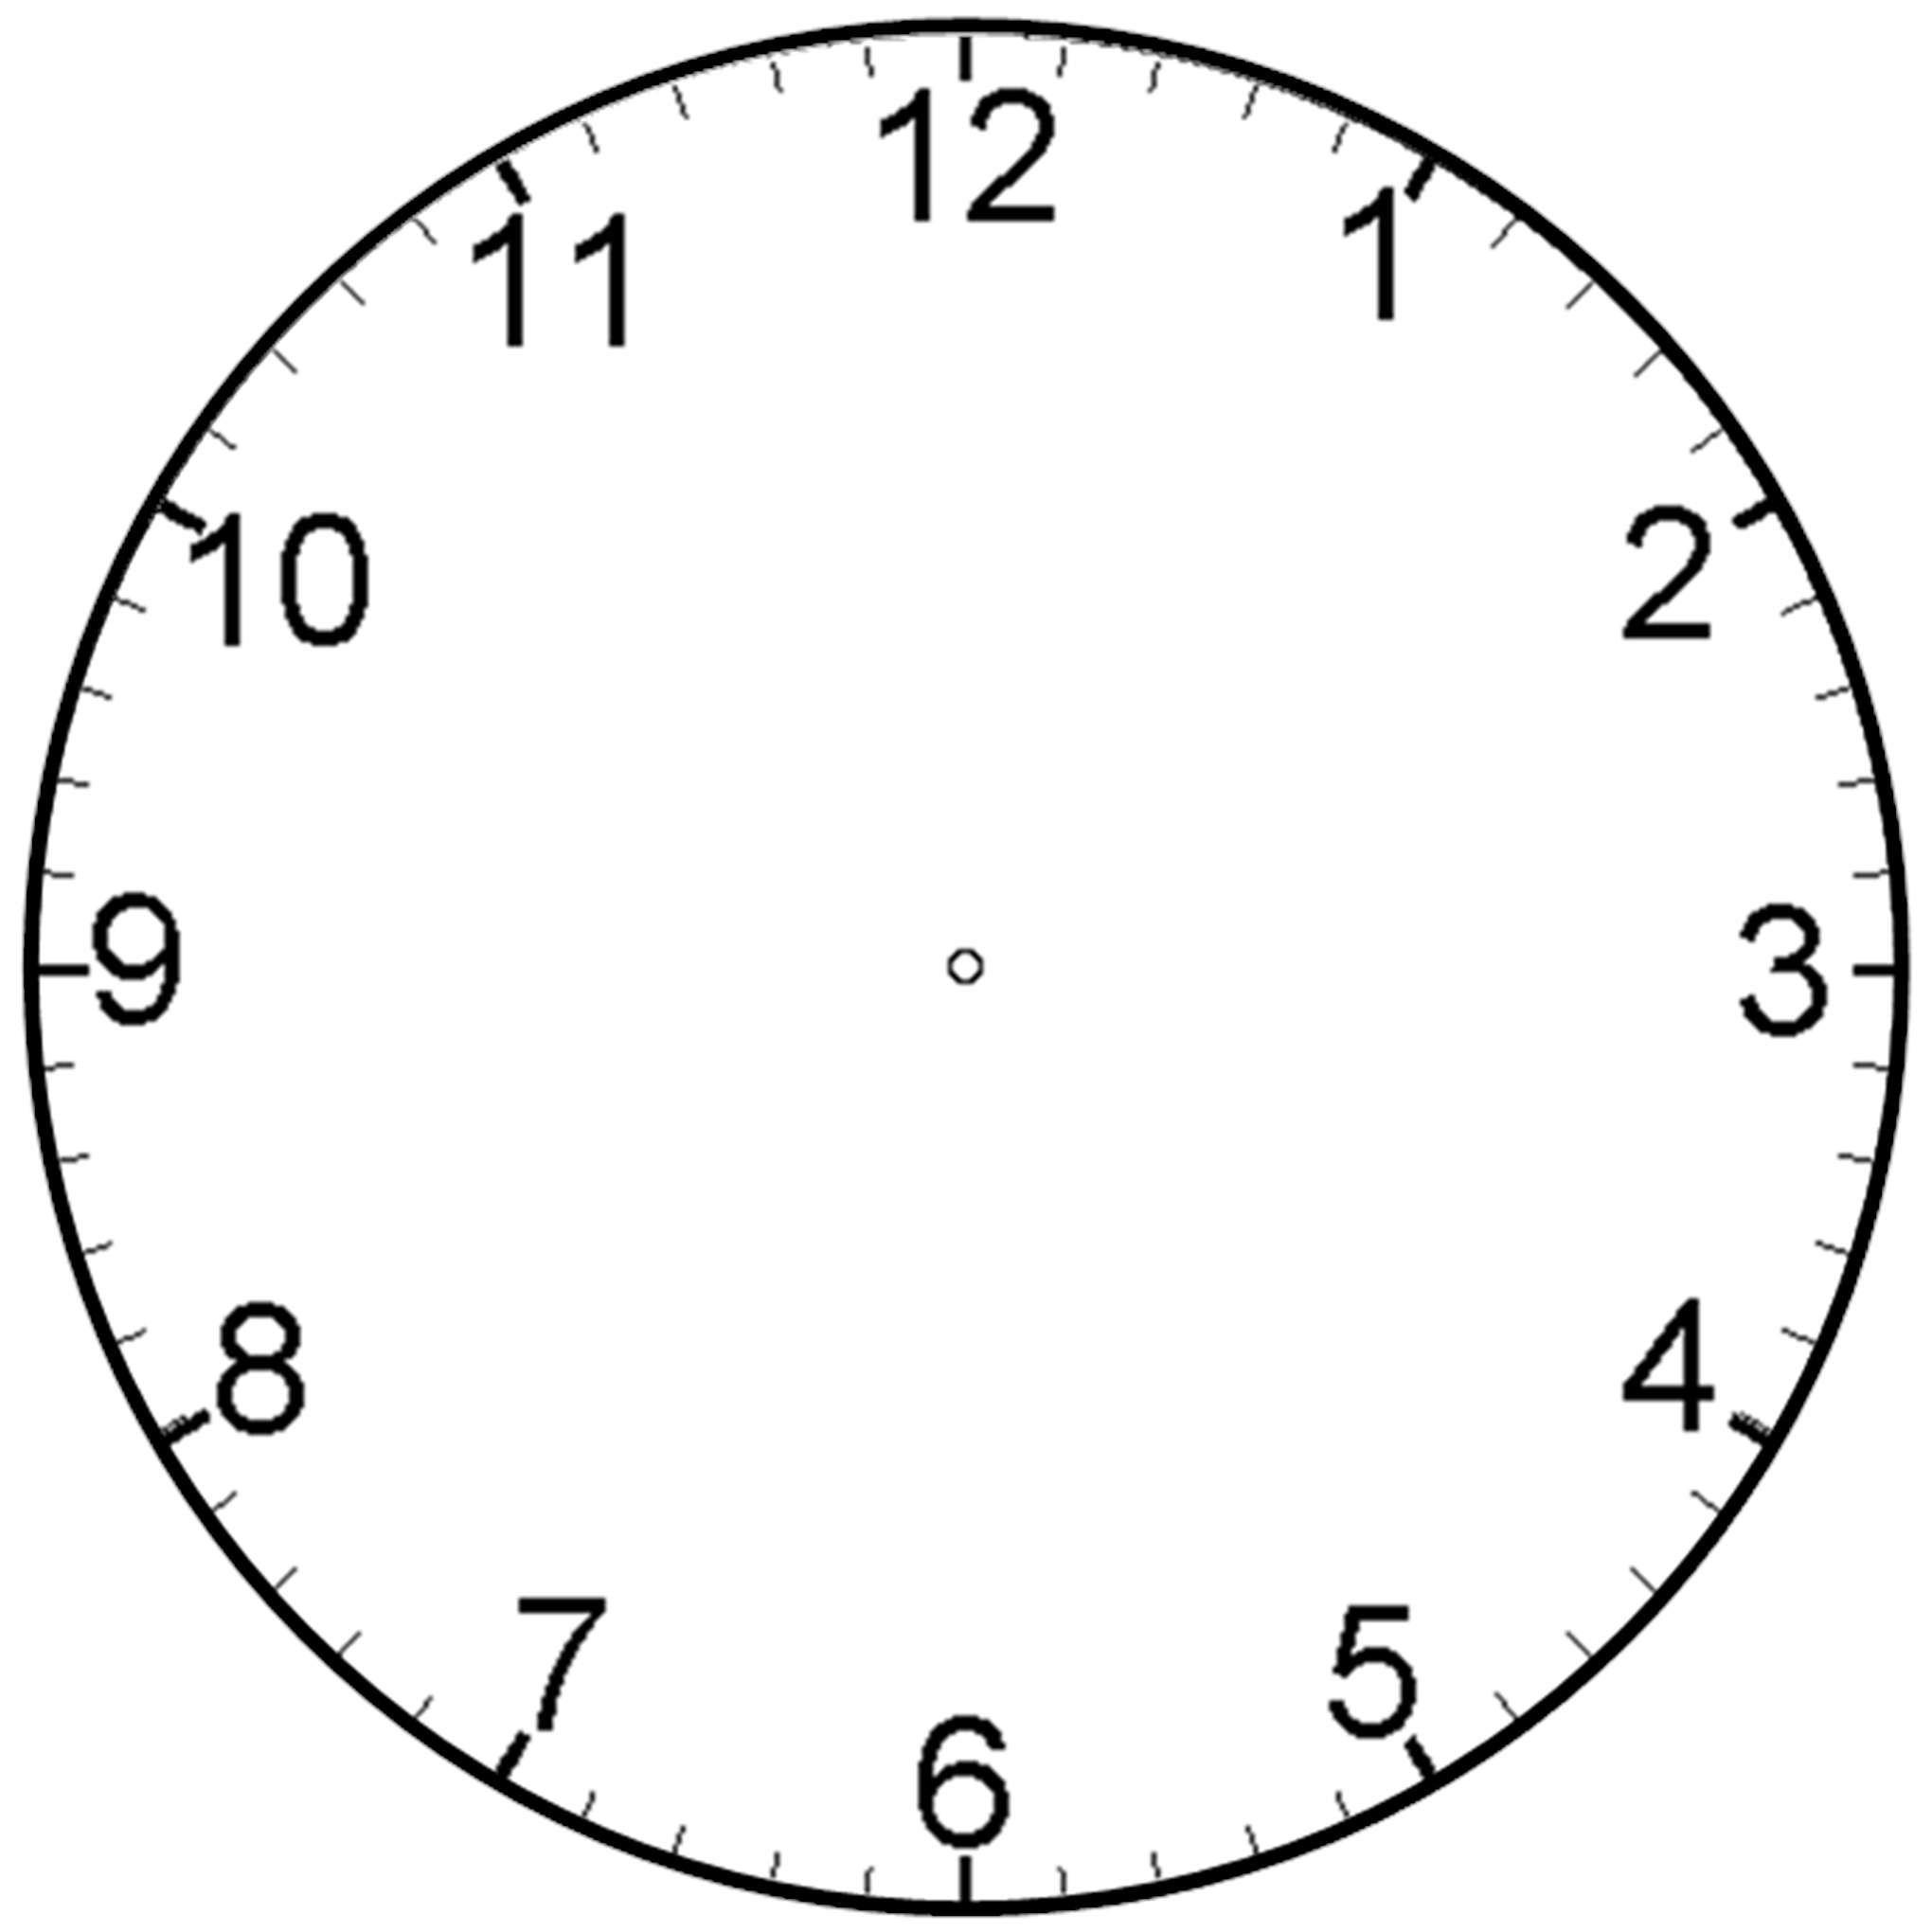 Blank Clock Clipart 9tzeojyjc Jpeg More